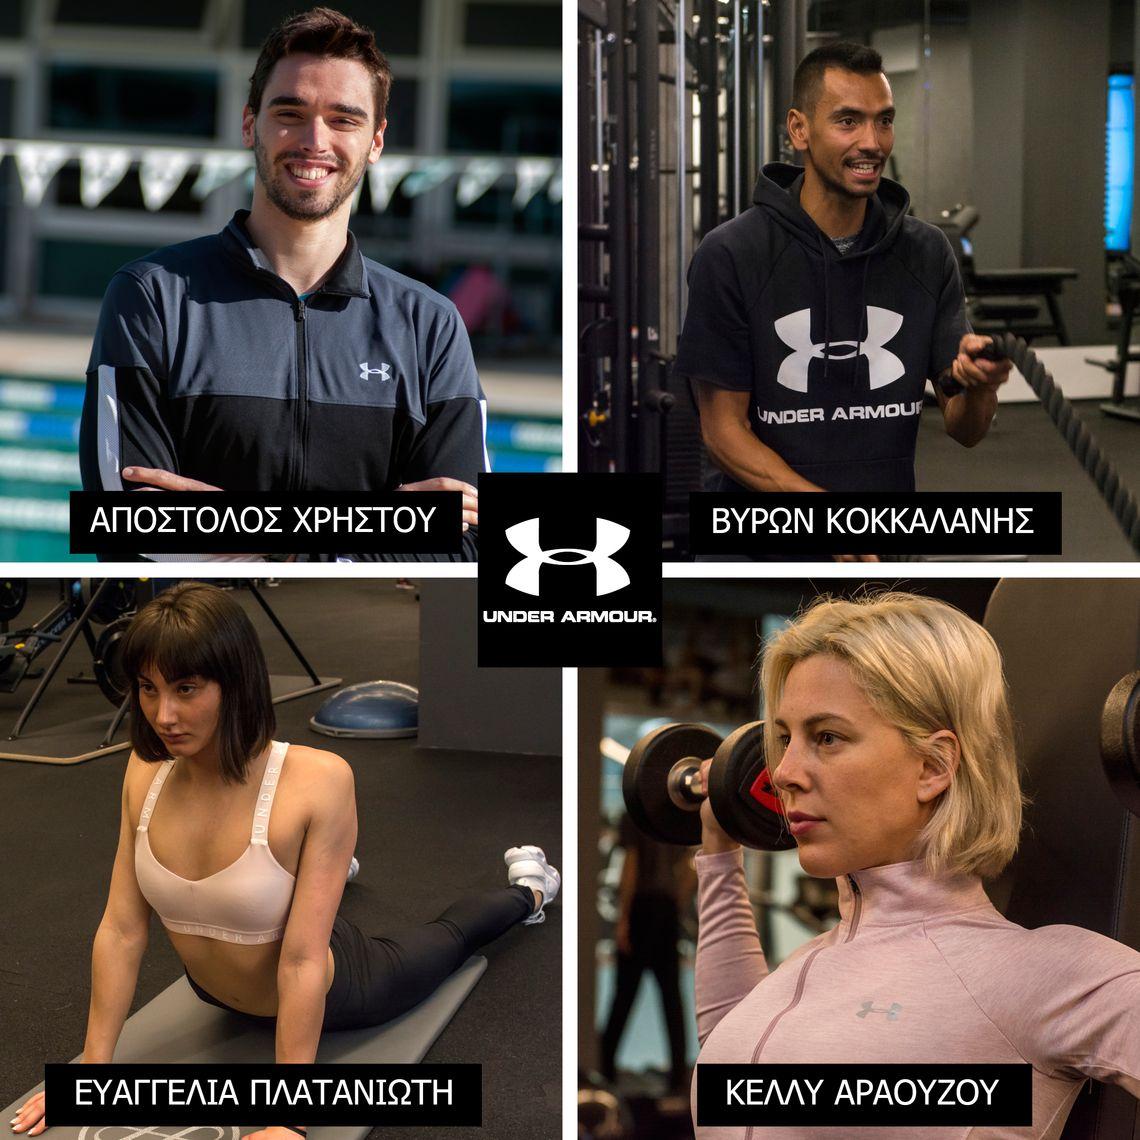 Η Under Armour στηρίζει τους Έλληνες αθλητές στο δρόμο για το Τόκιο!